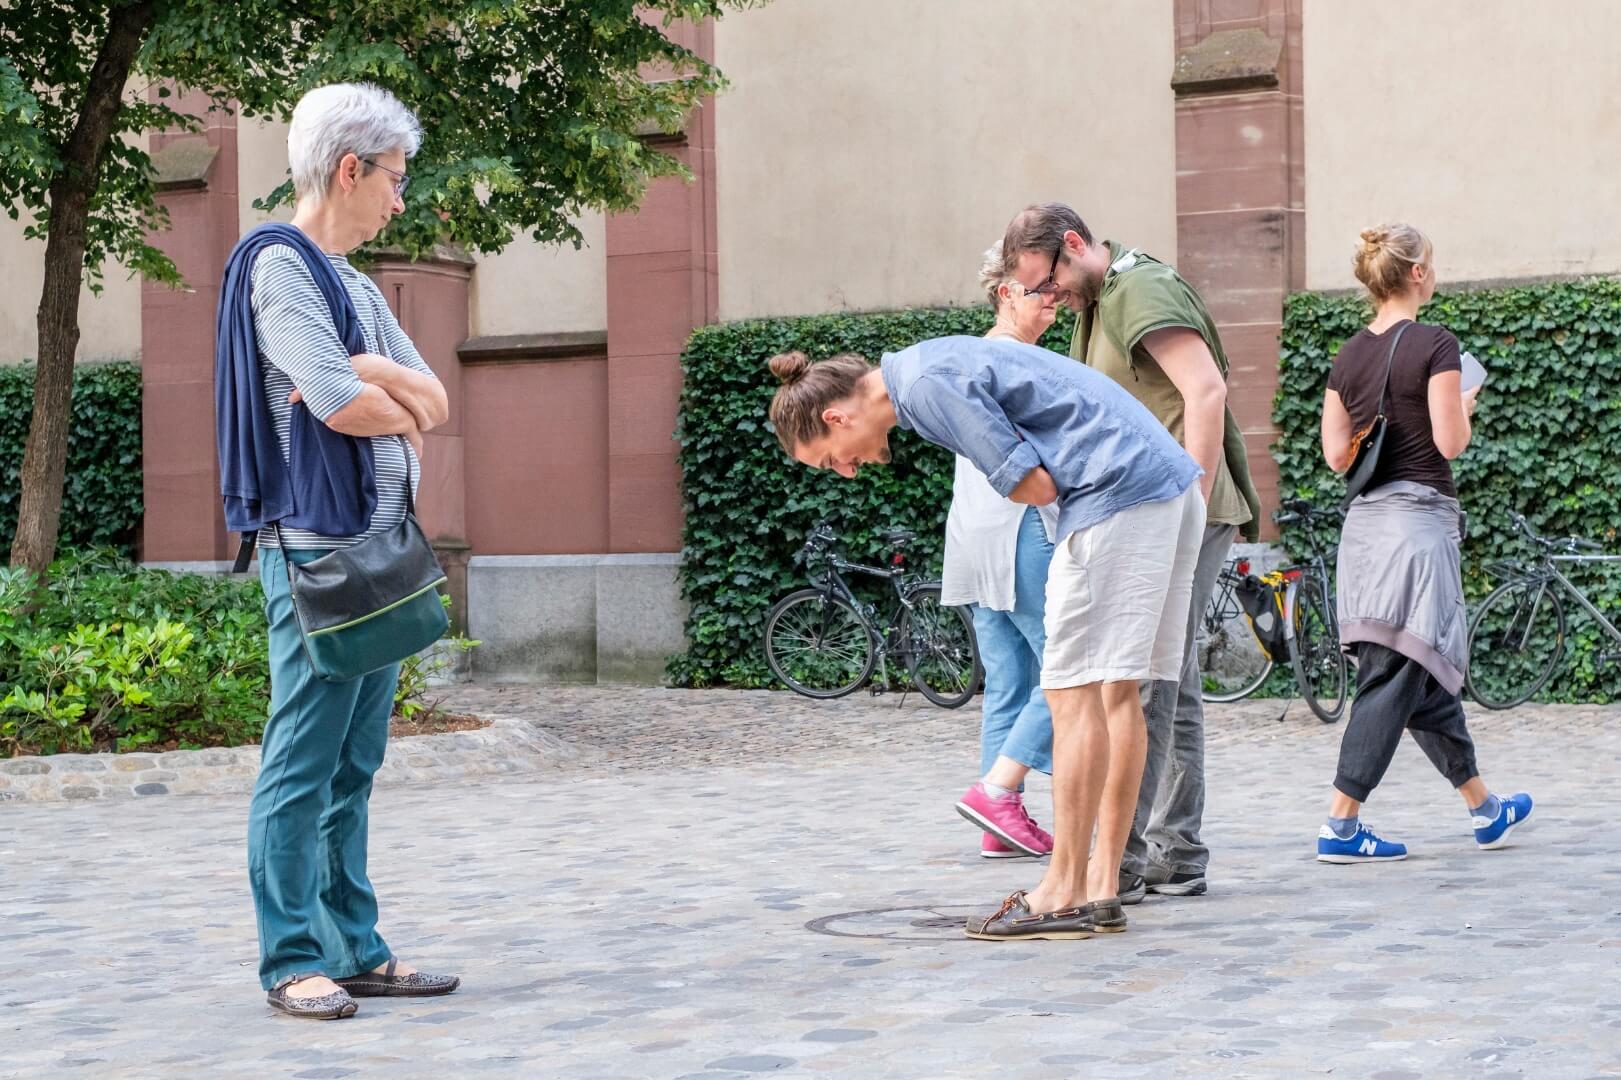 חנה ויינברגר, מיצב סאונד ברחוב, ארט באזל באדיבות גלריה פרידמן פיצפטריק